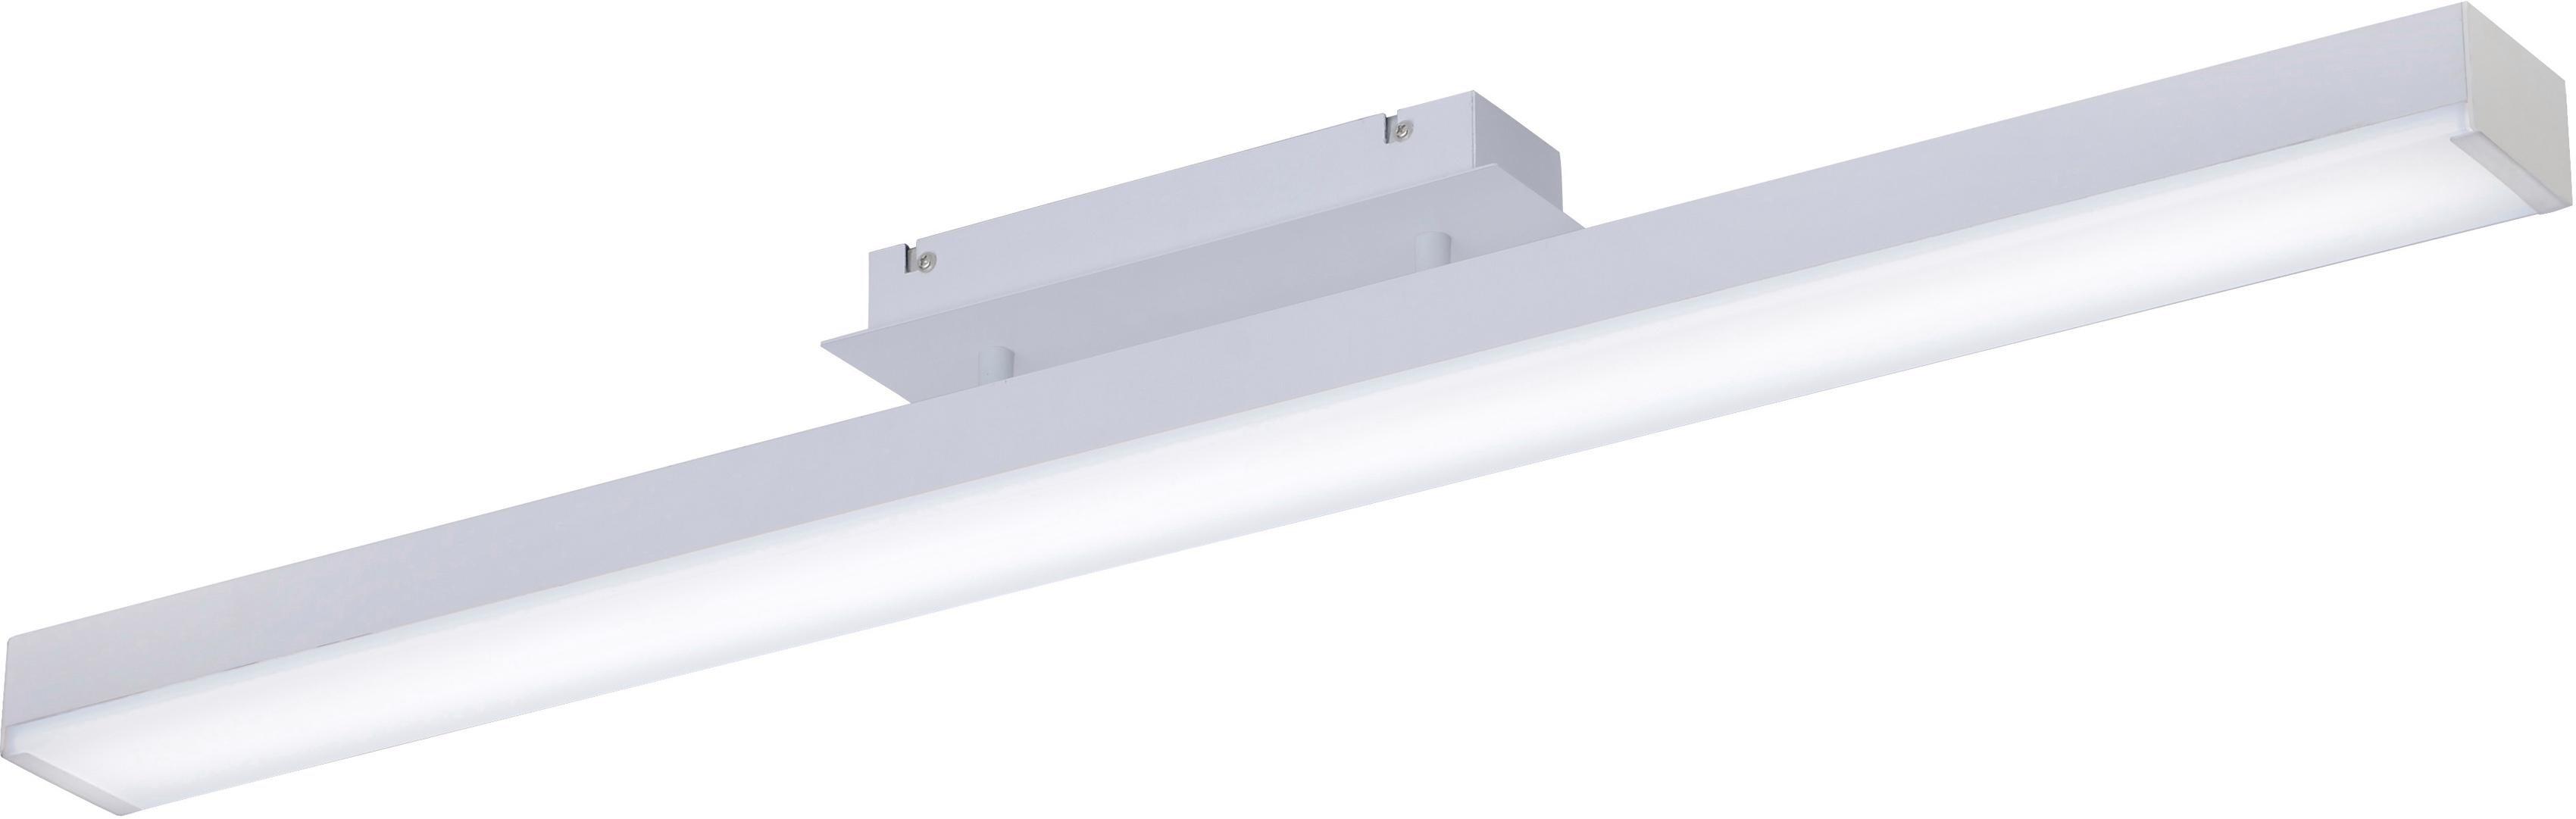 TRIO Leuchten,LED Deckenleuchte LIVARO